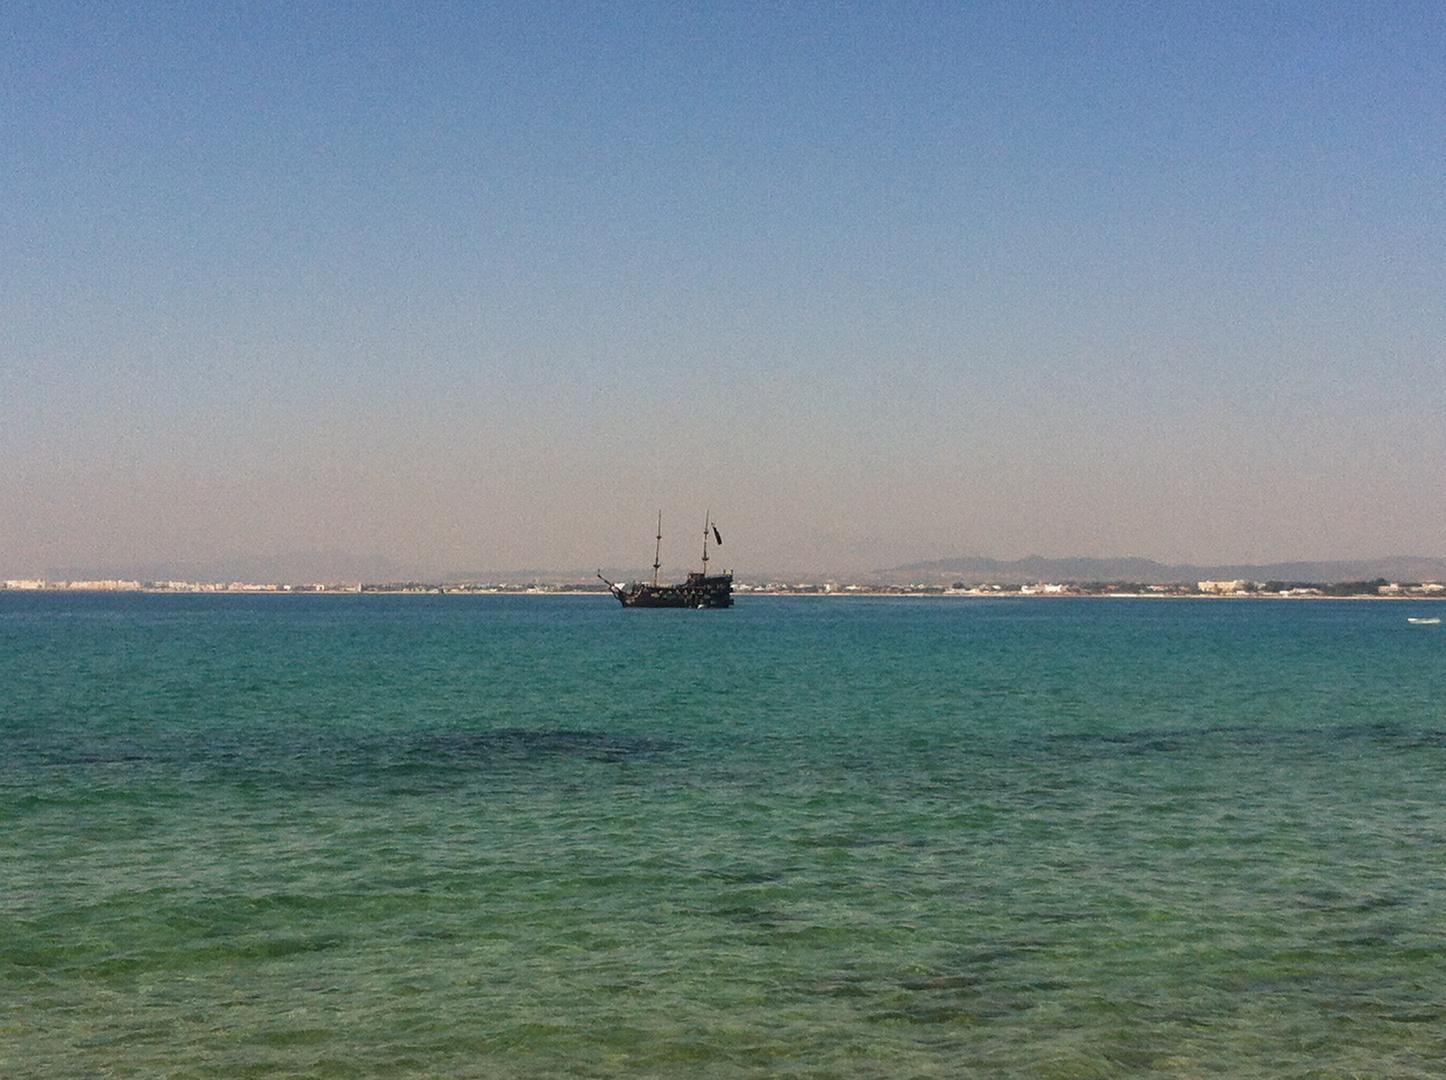 Urlaub - Tunesien *Schnappschuss*